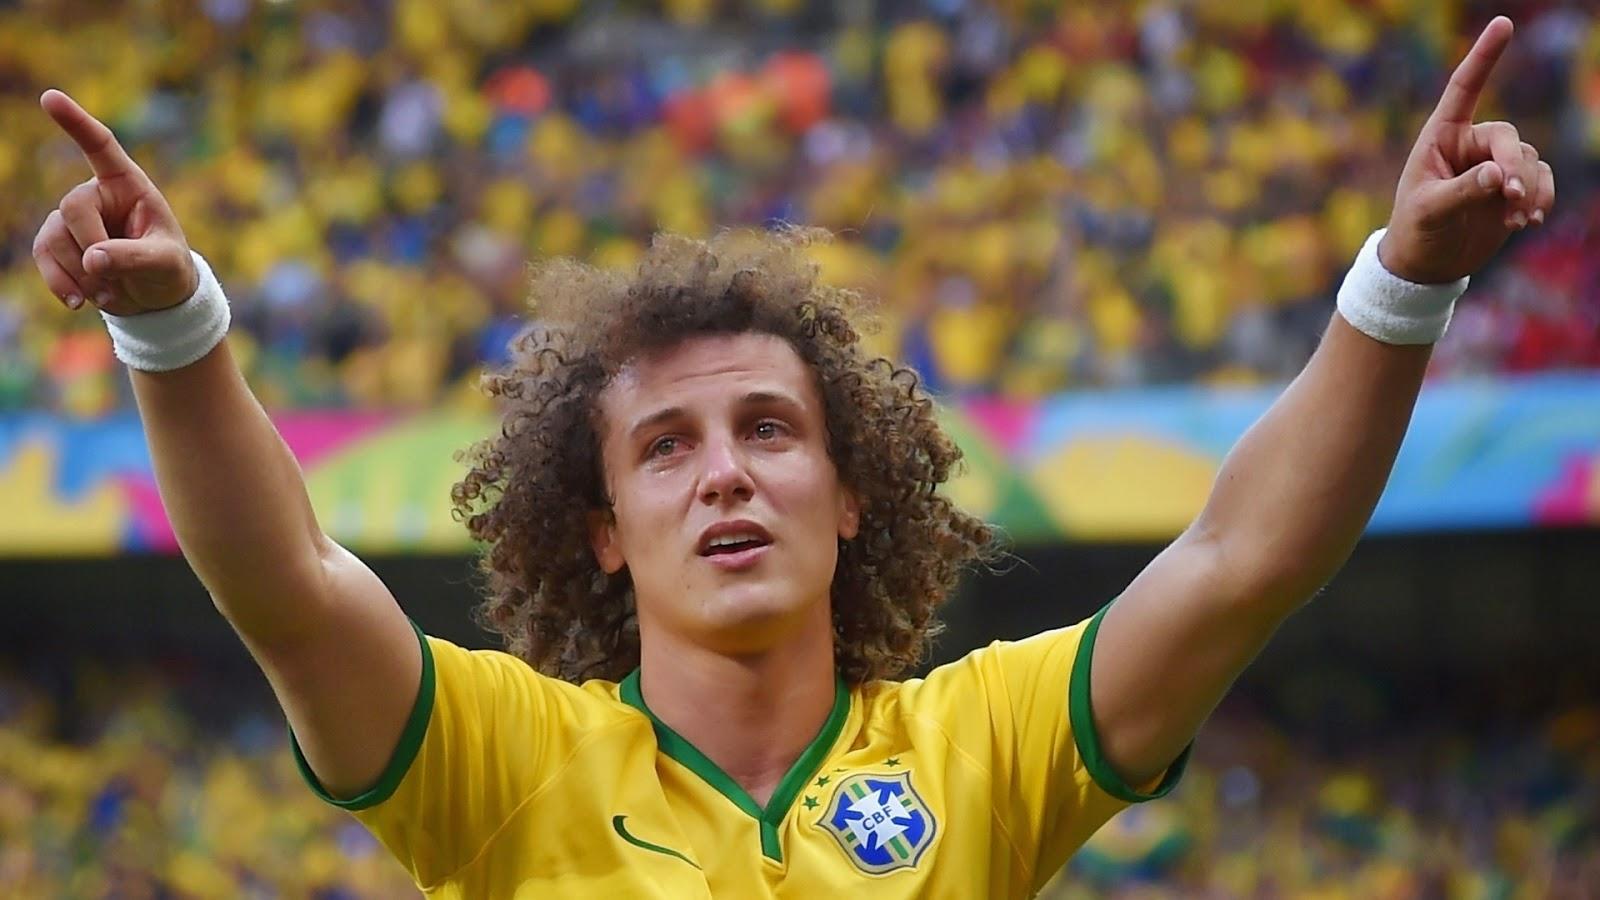 Emocionante: David Luiz recebe carta comovente de uma fã mirim